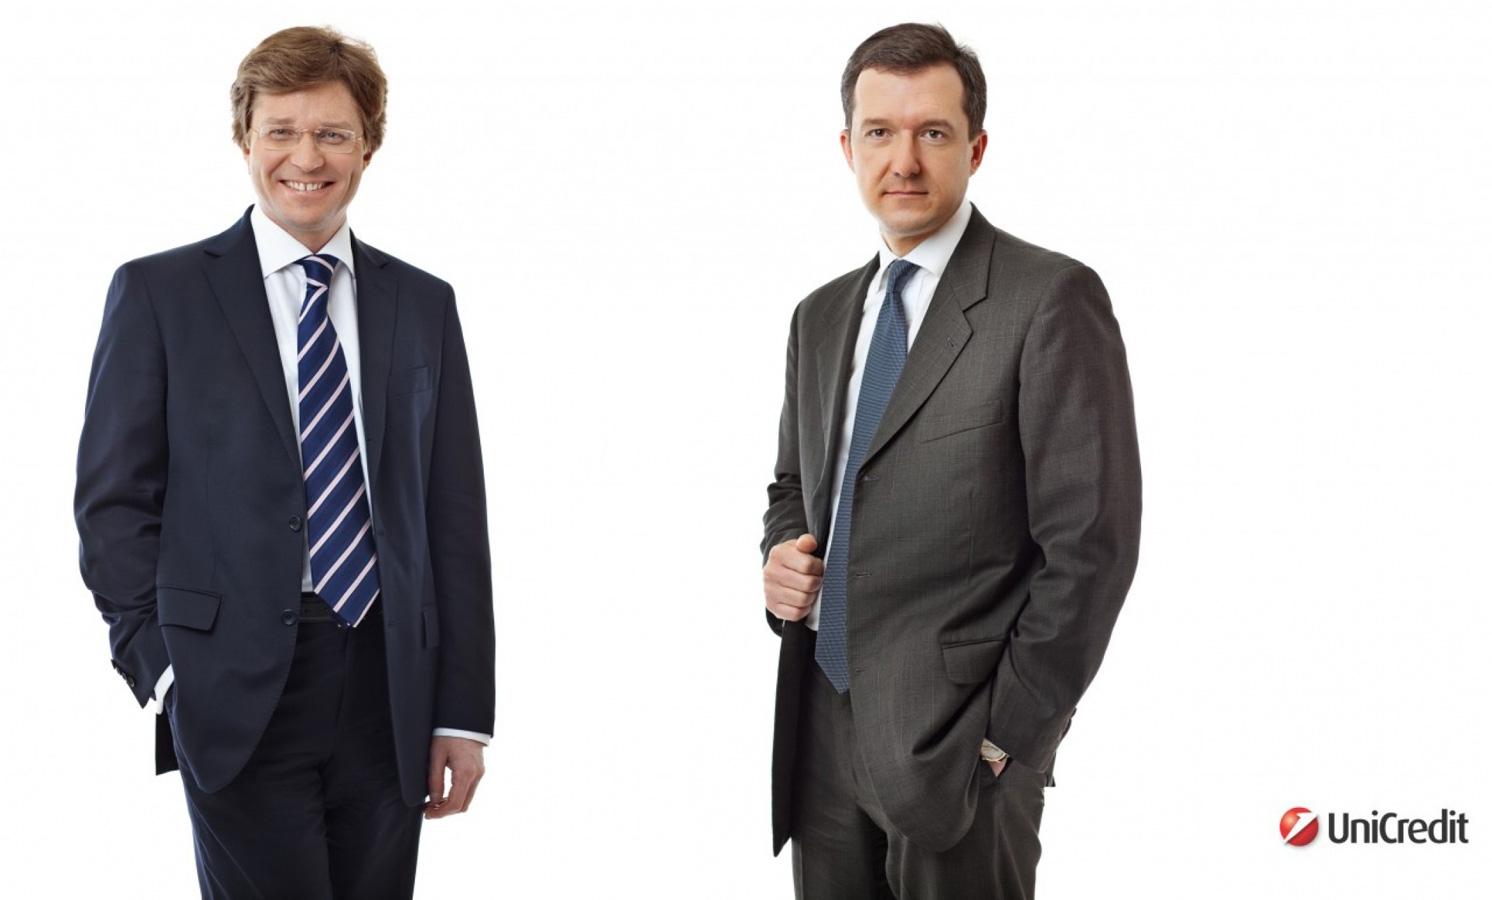 Unicredit Bank, бизнес-портрет. Бизнес-портрет, фотограф Лена Волкова